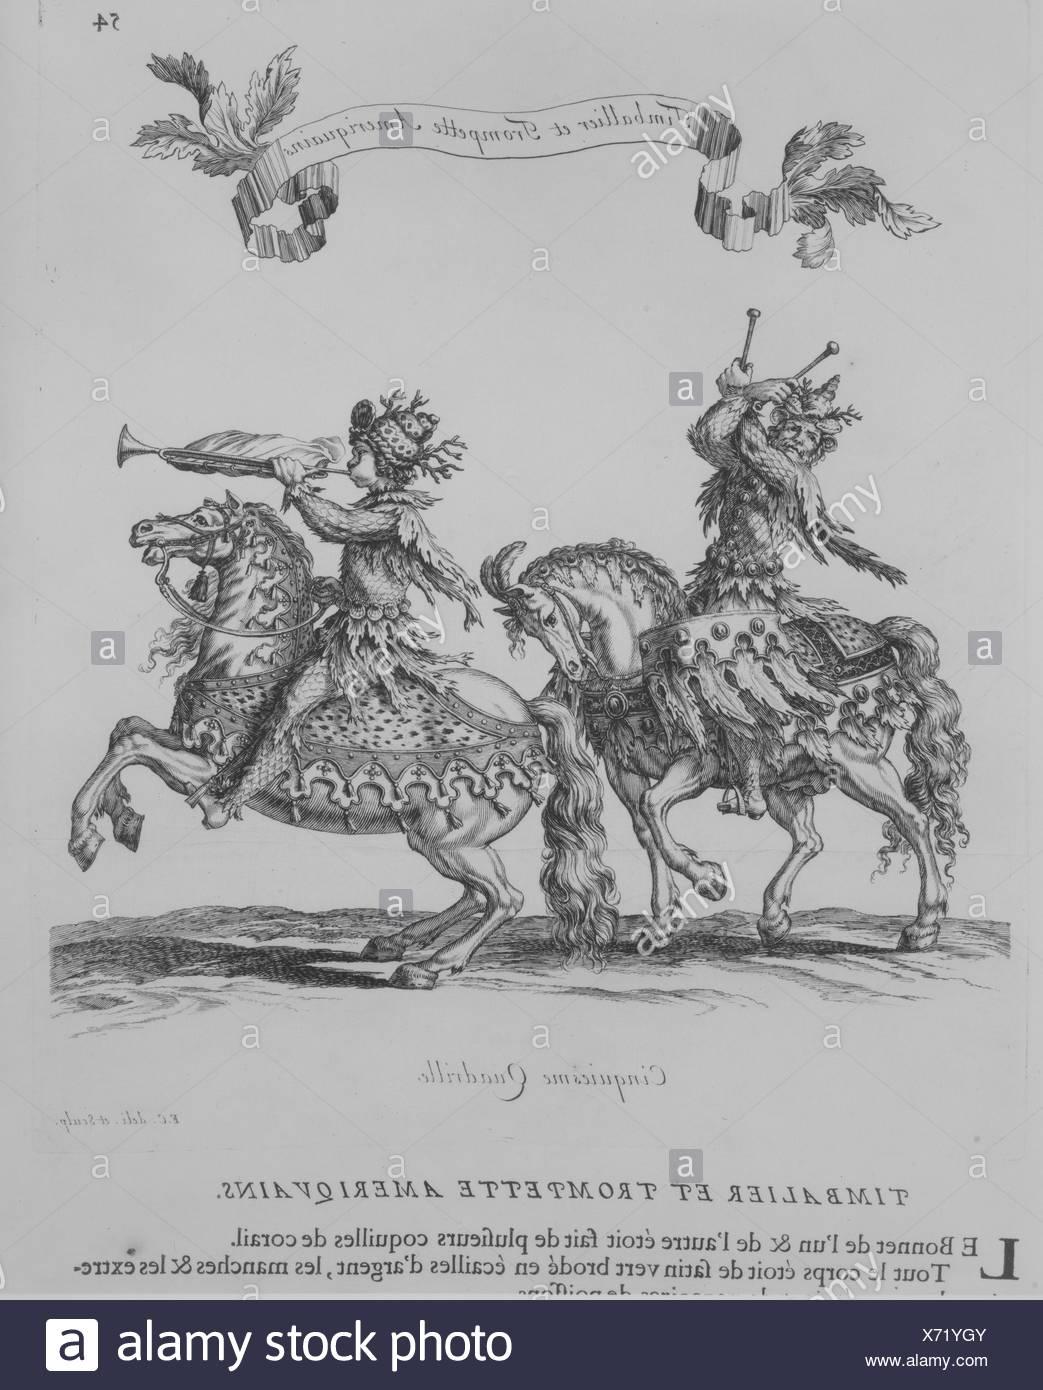 Courses de Testes et de Bagues Faittes par Roy et par les Princes et Seigneurs de sa Cour, en l'année 1662. Author: Written by Charles Perrault - Stock Image